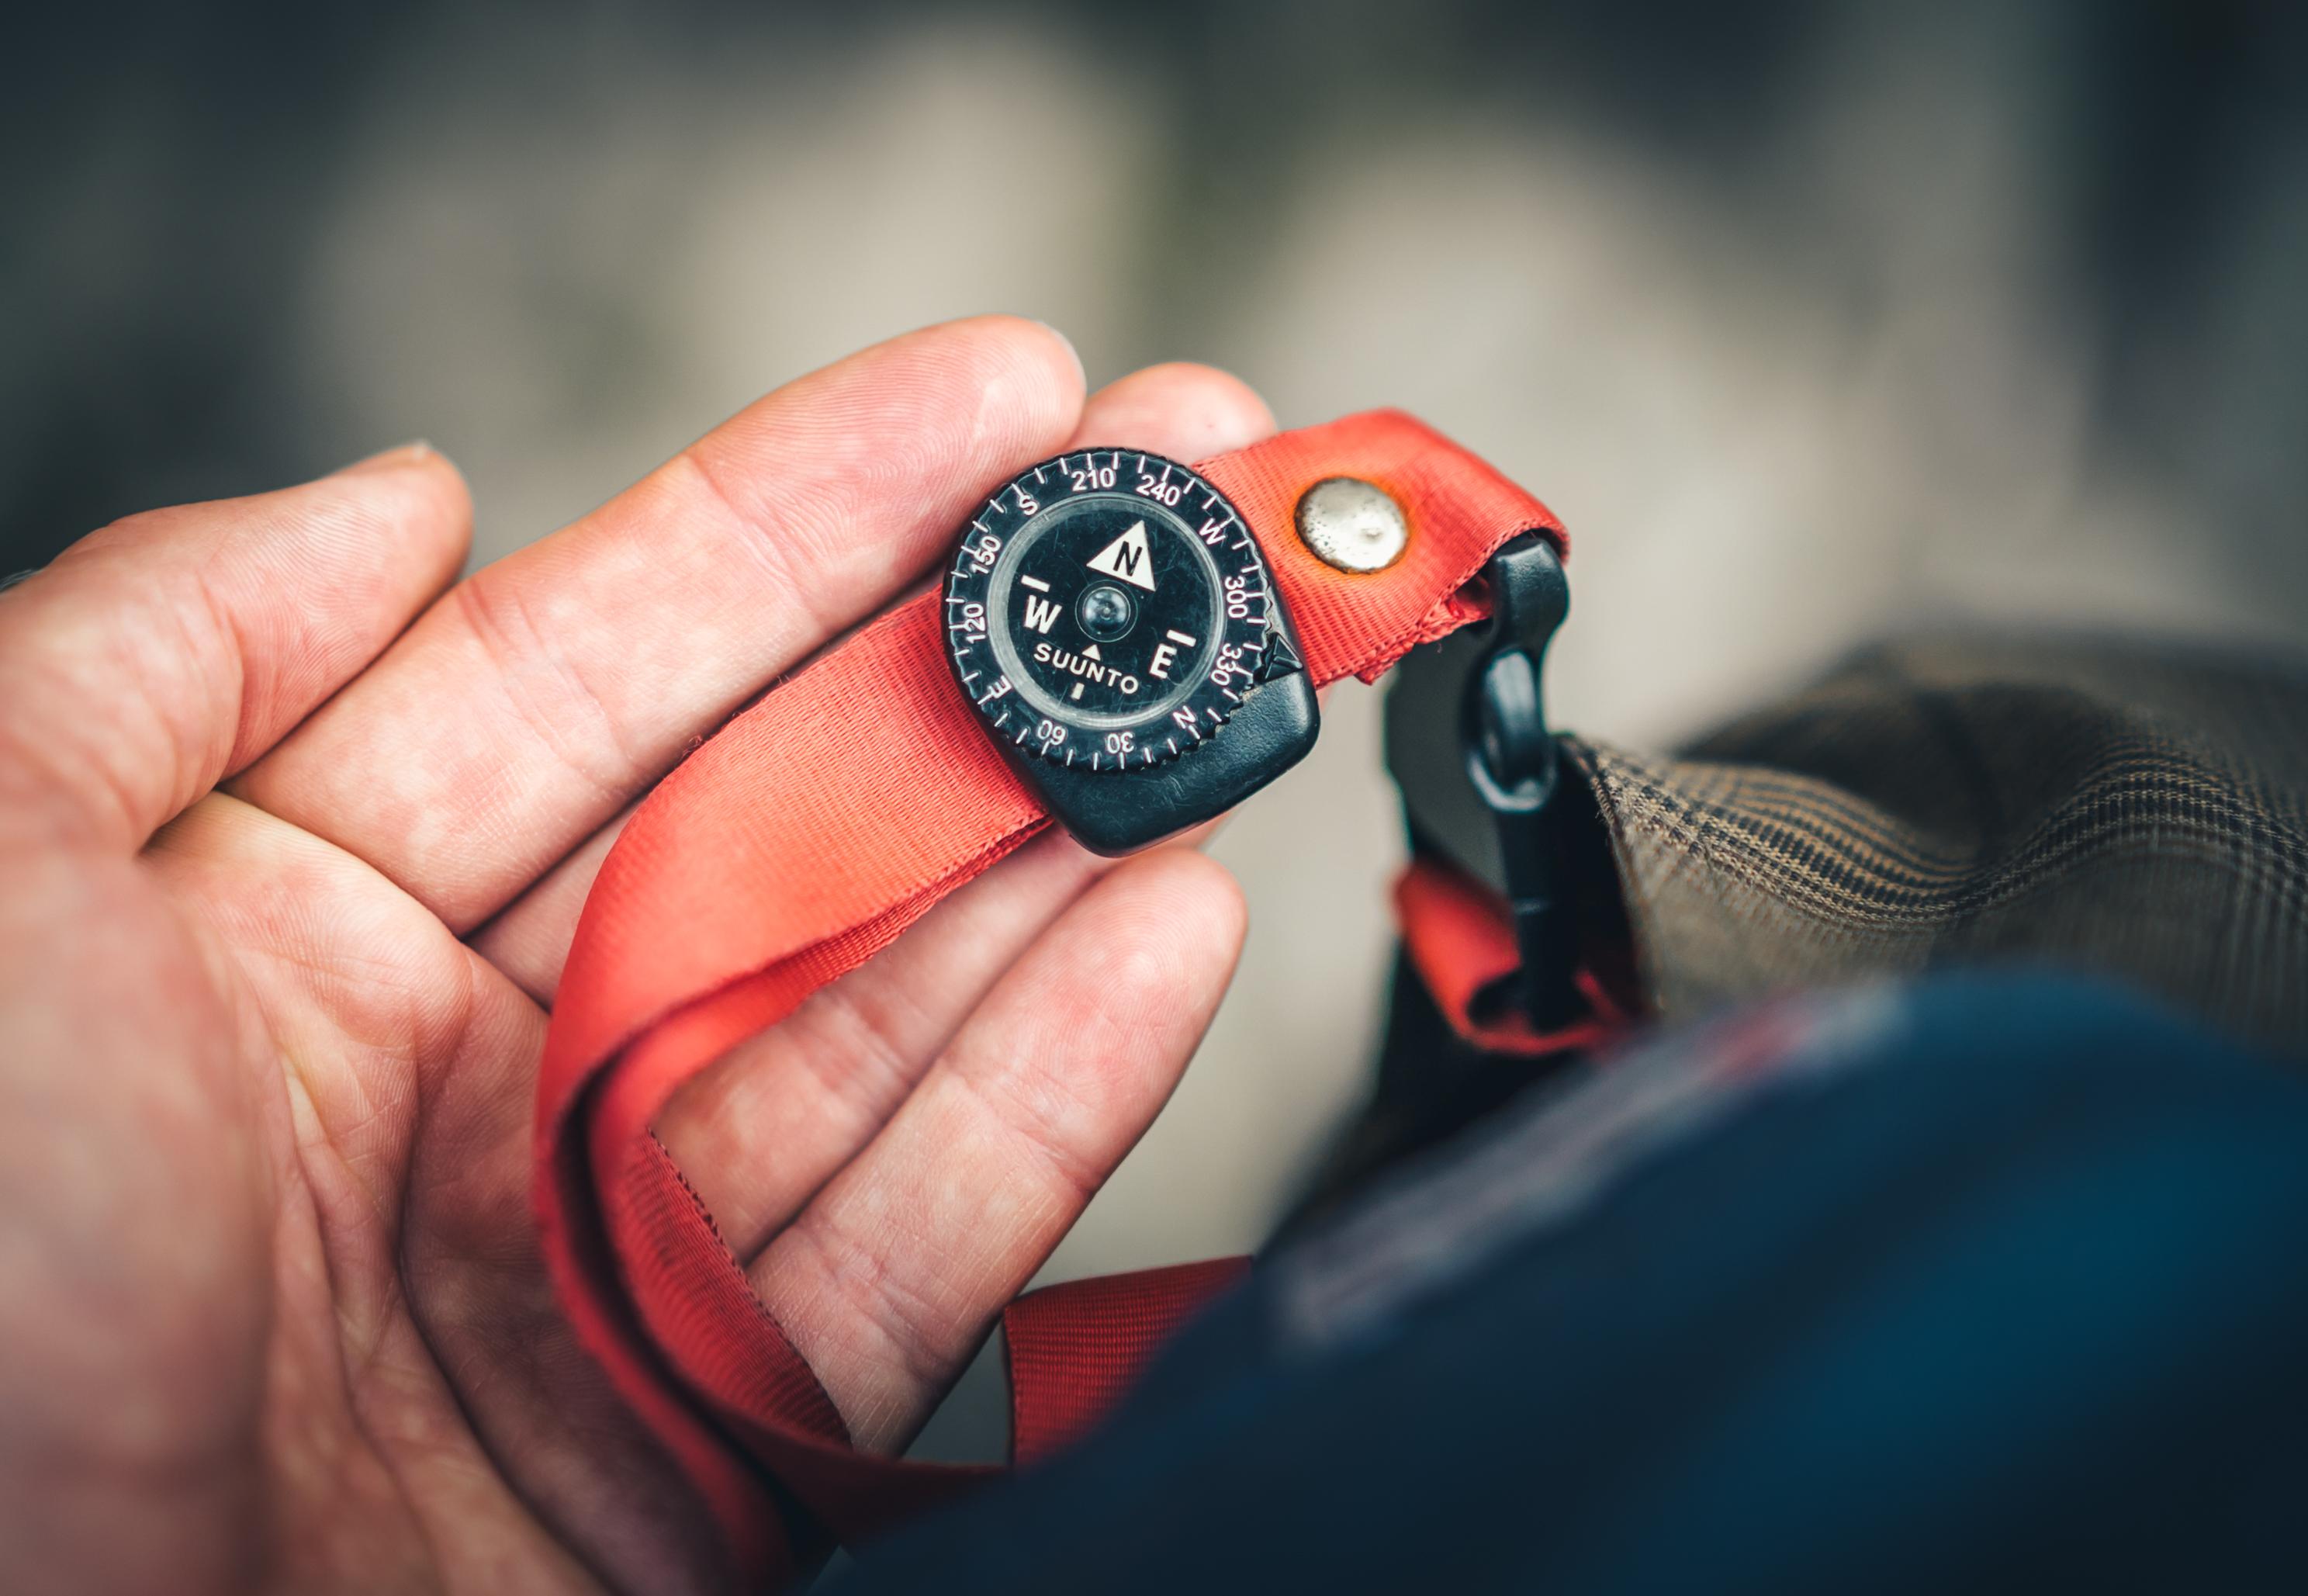 Tiny realiable travel compass from Suunto